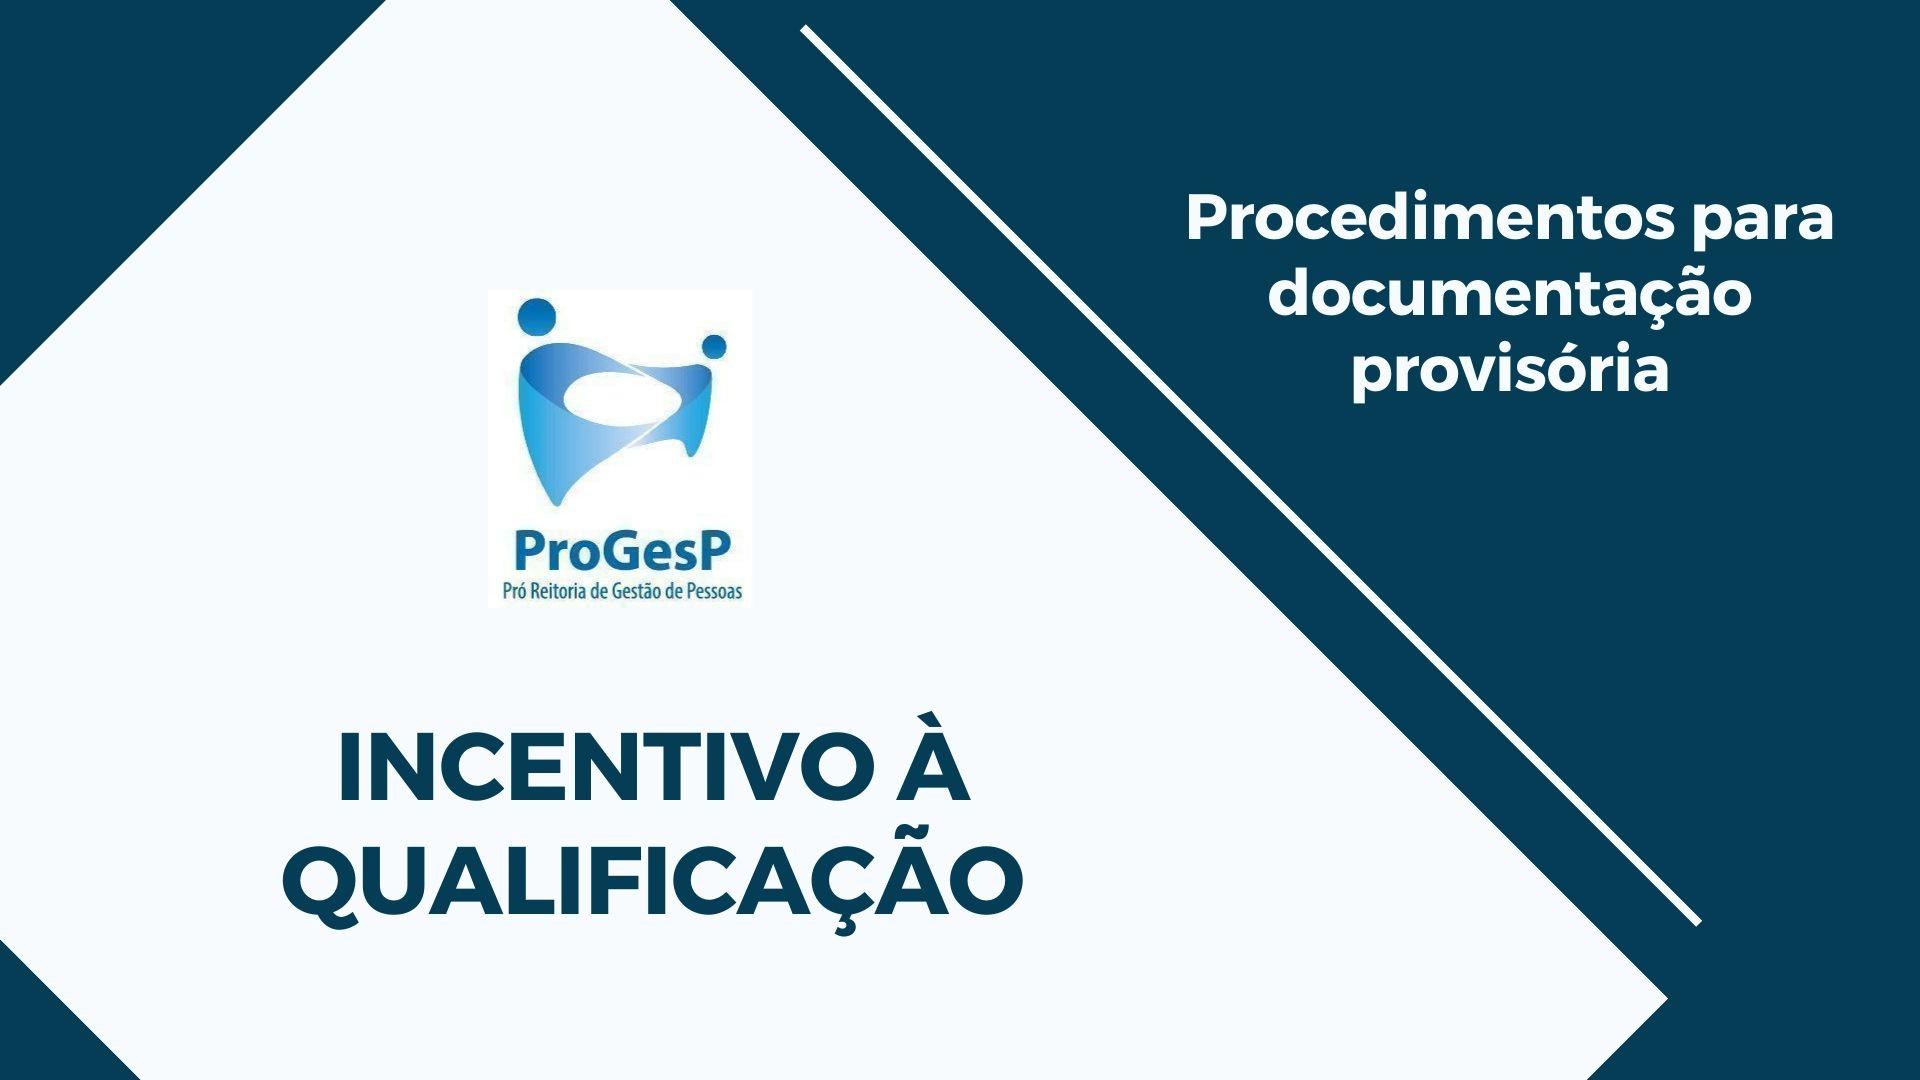 Procedimentos para Incentivo à Qualificação com Documento Provisório